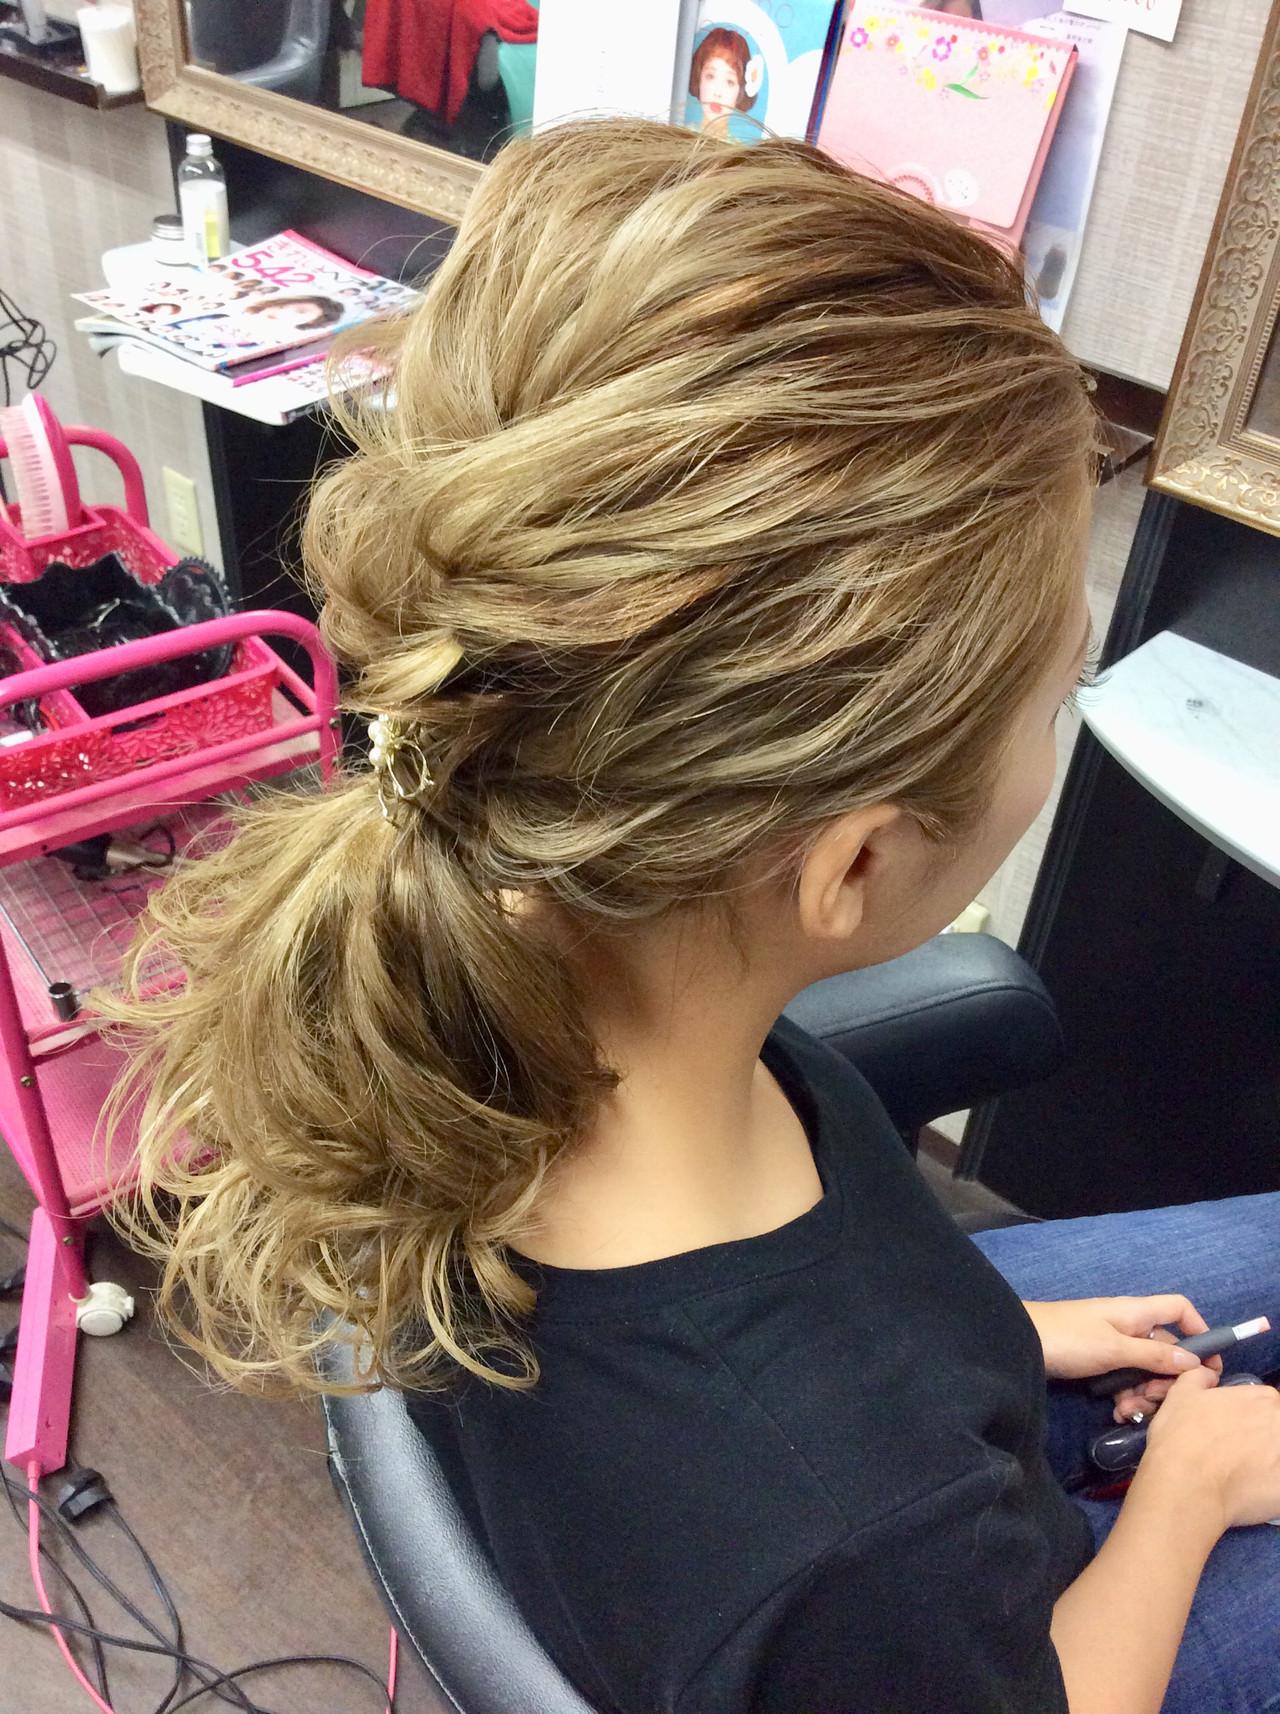 ポニーテール ヘアアレンジ デート セミロング ヘアスタイルや髪型の写真・画像